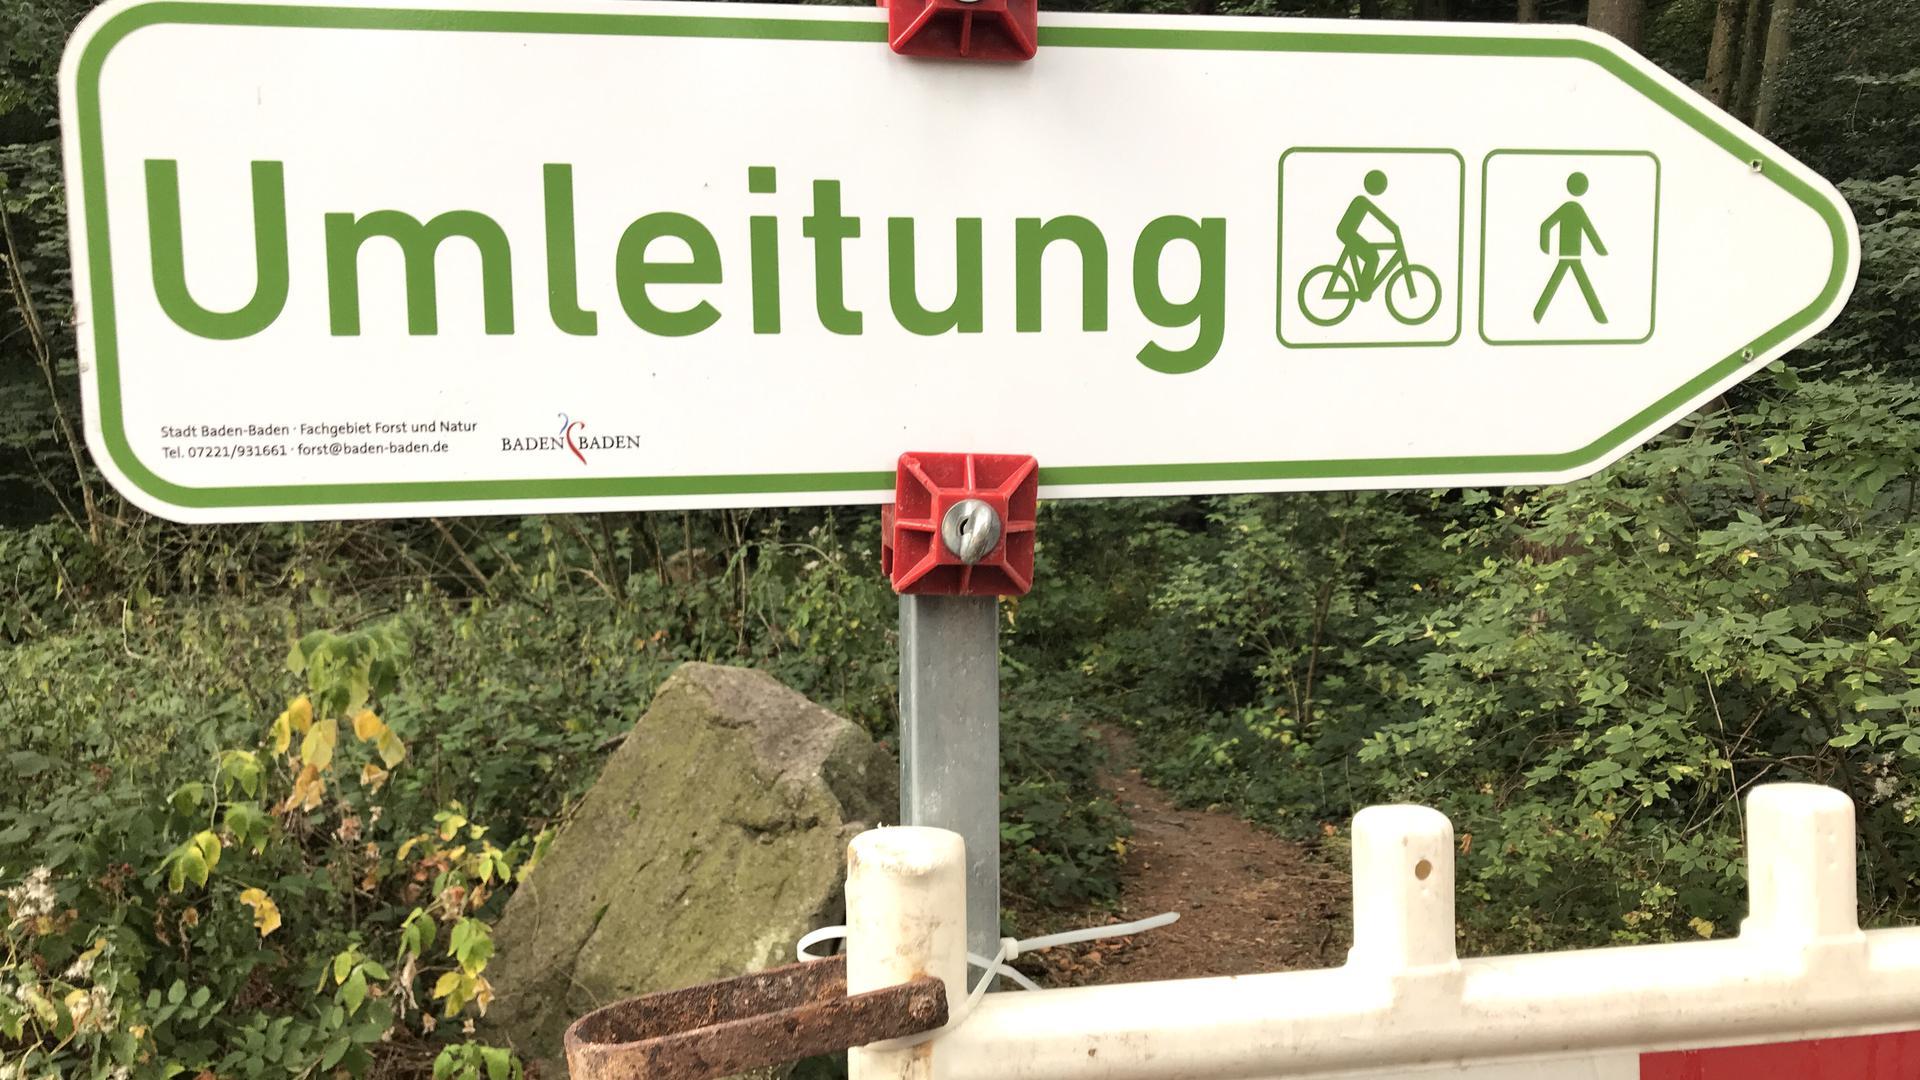 Im Stadtwald von Baden-Baden stehen Umleitungsschilder für Wanderer und Mountainbiker, weil Wege wegen Holzfällarbeiten derzeit gesperrt sind.